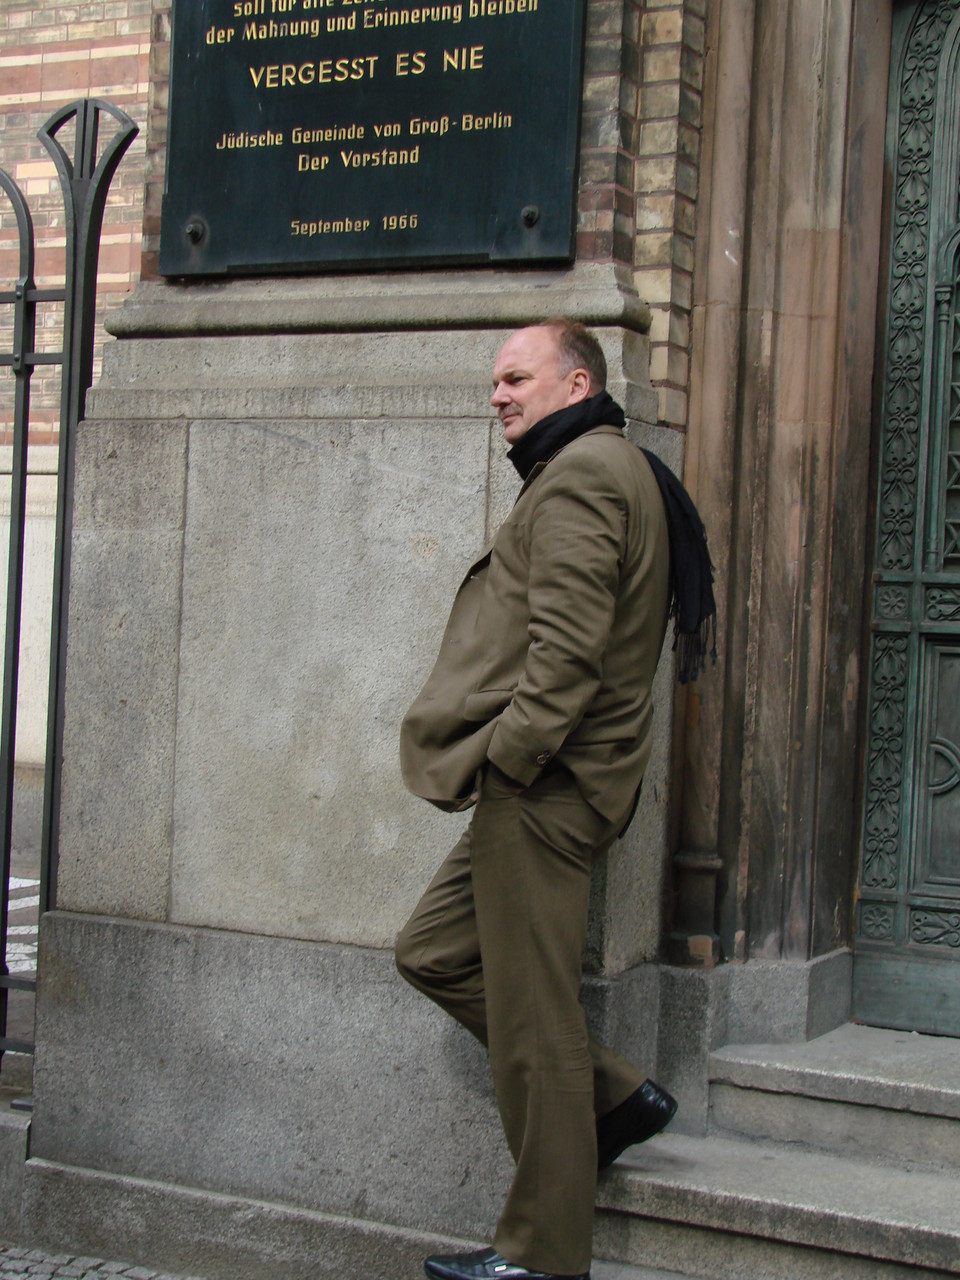 Vor der Synagoge in Berlin, nach Abschluss meines Lesemarathons